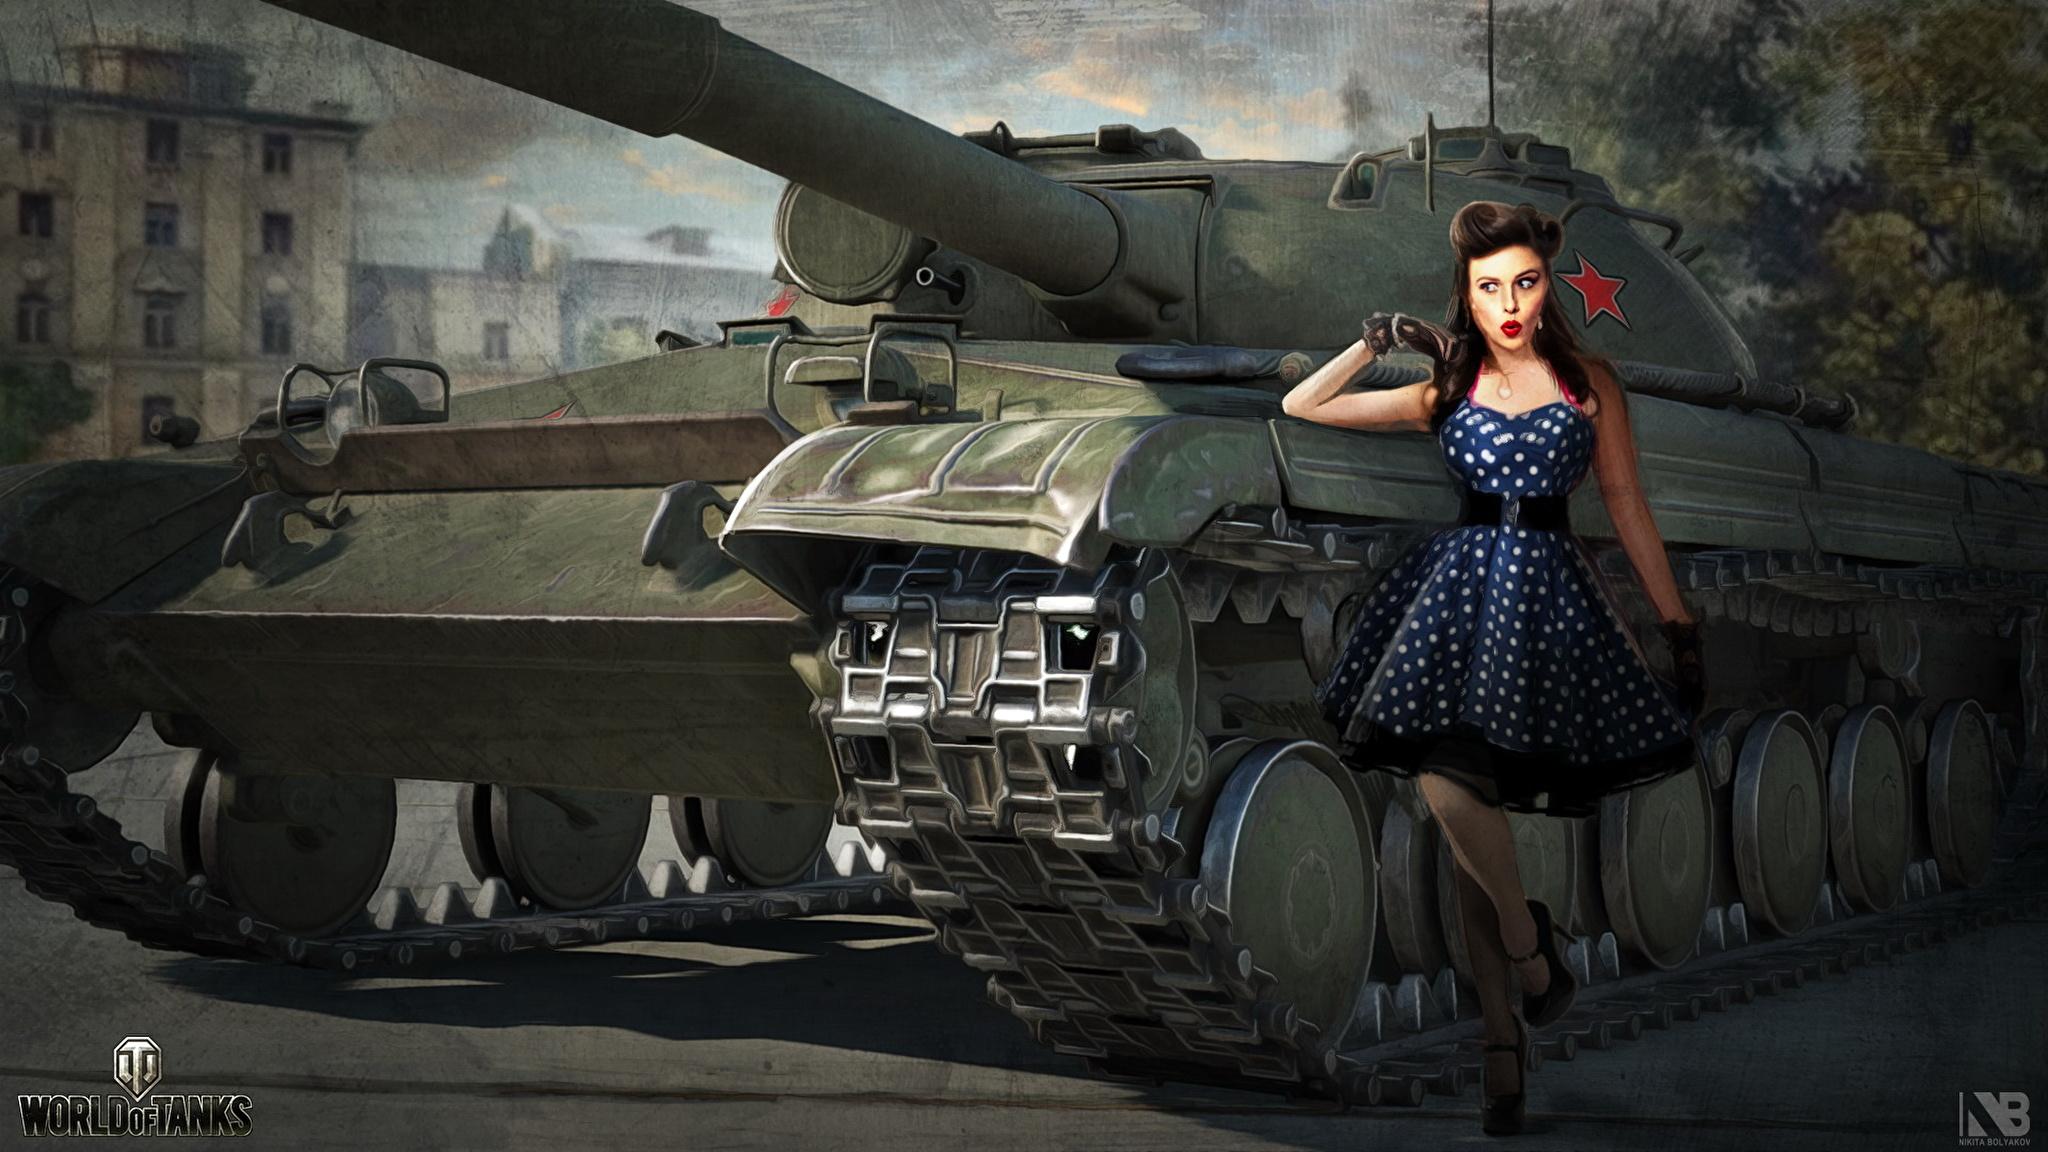 Обои 1366x768 World of tanks средний танк мир танков